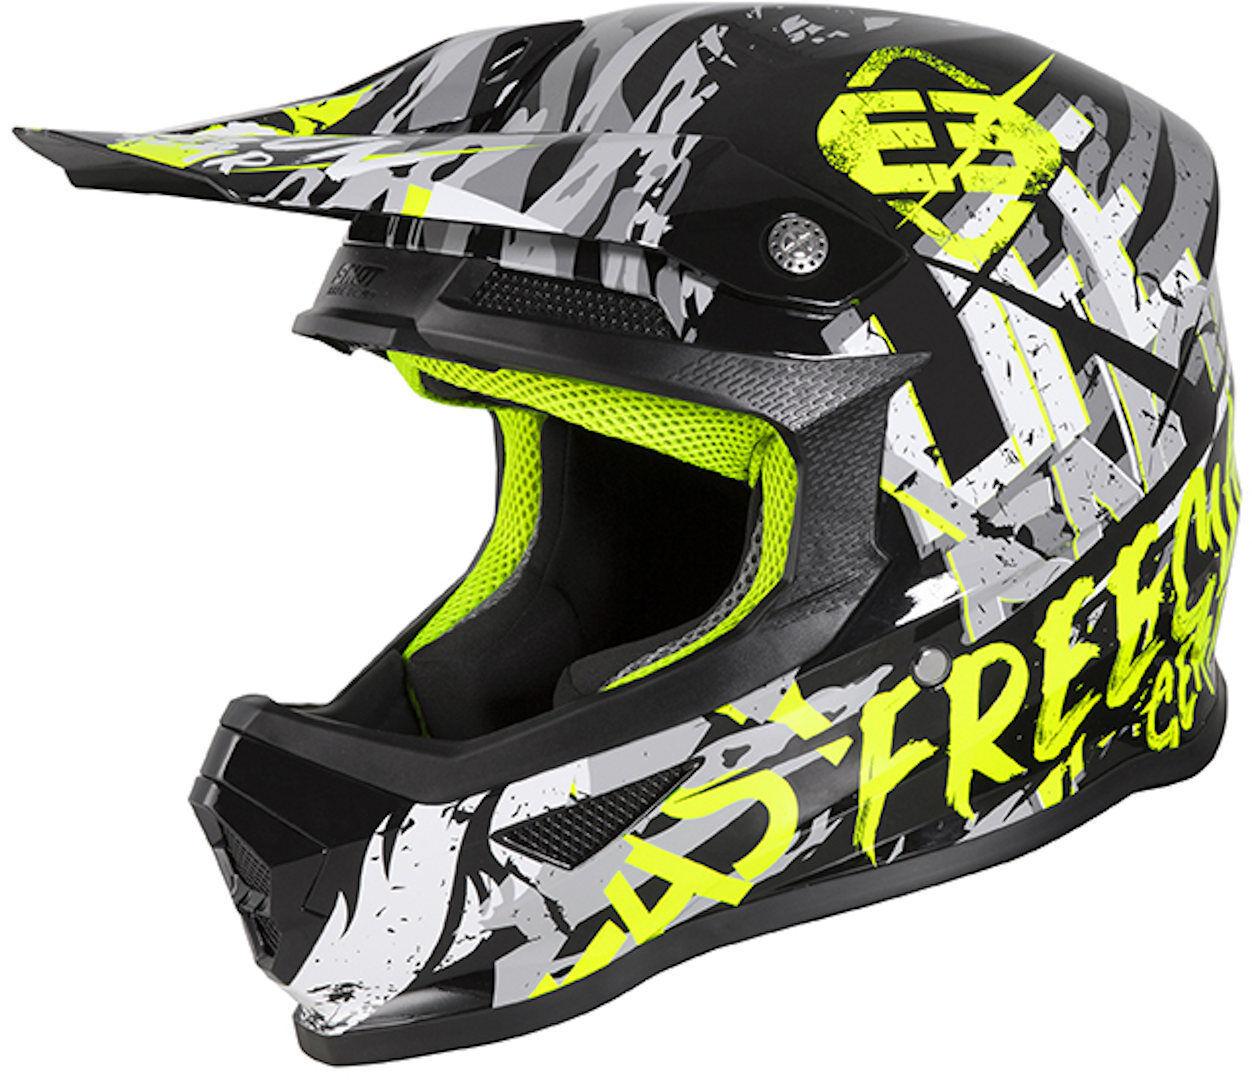 Freegun XP4 Maniac Casco Motocross per bambini Nero Giallo L